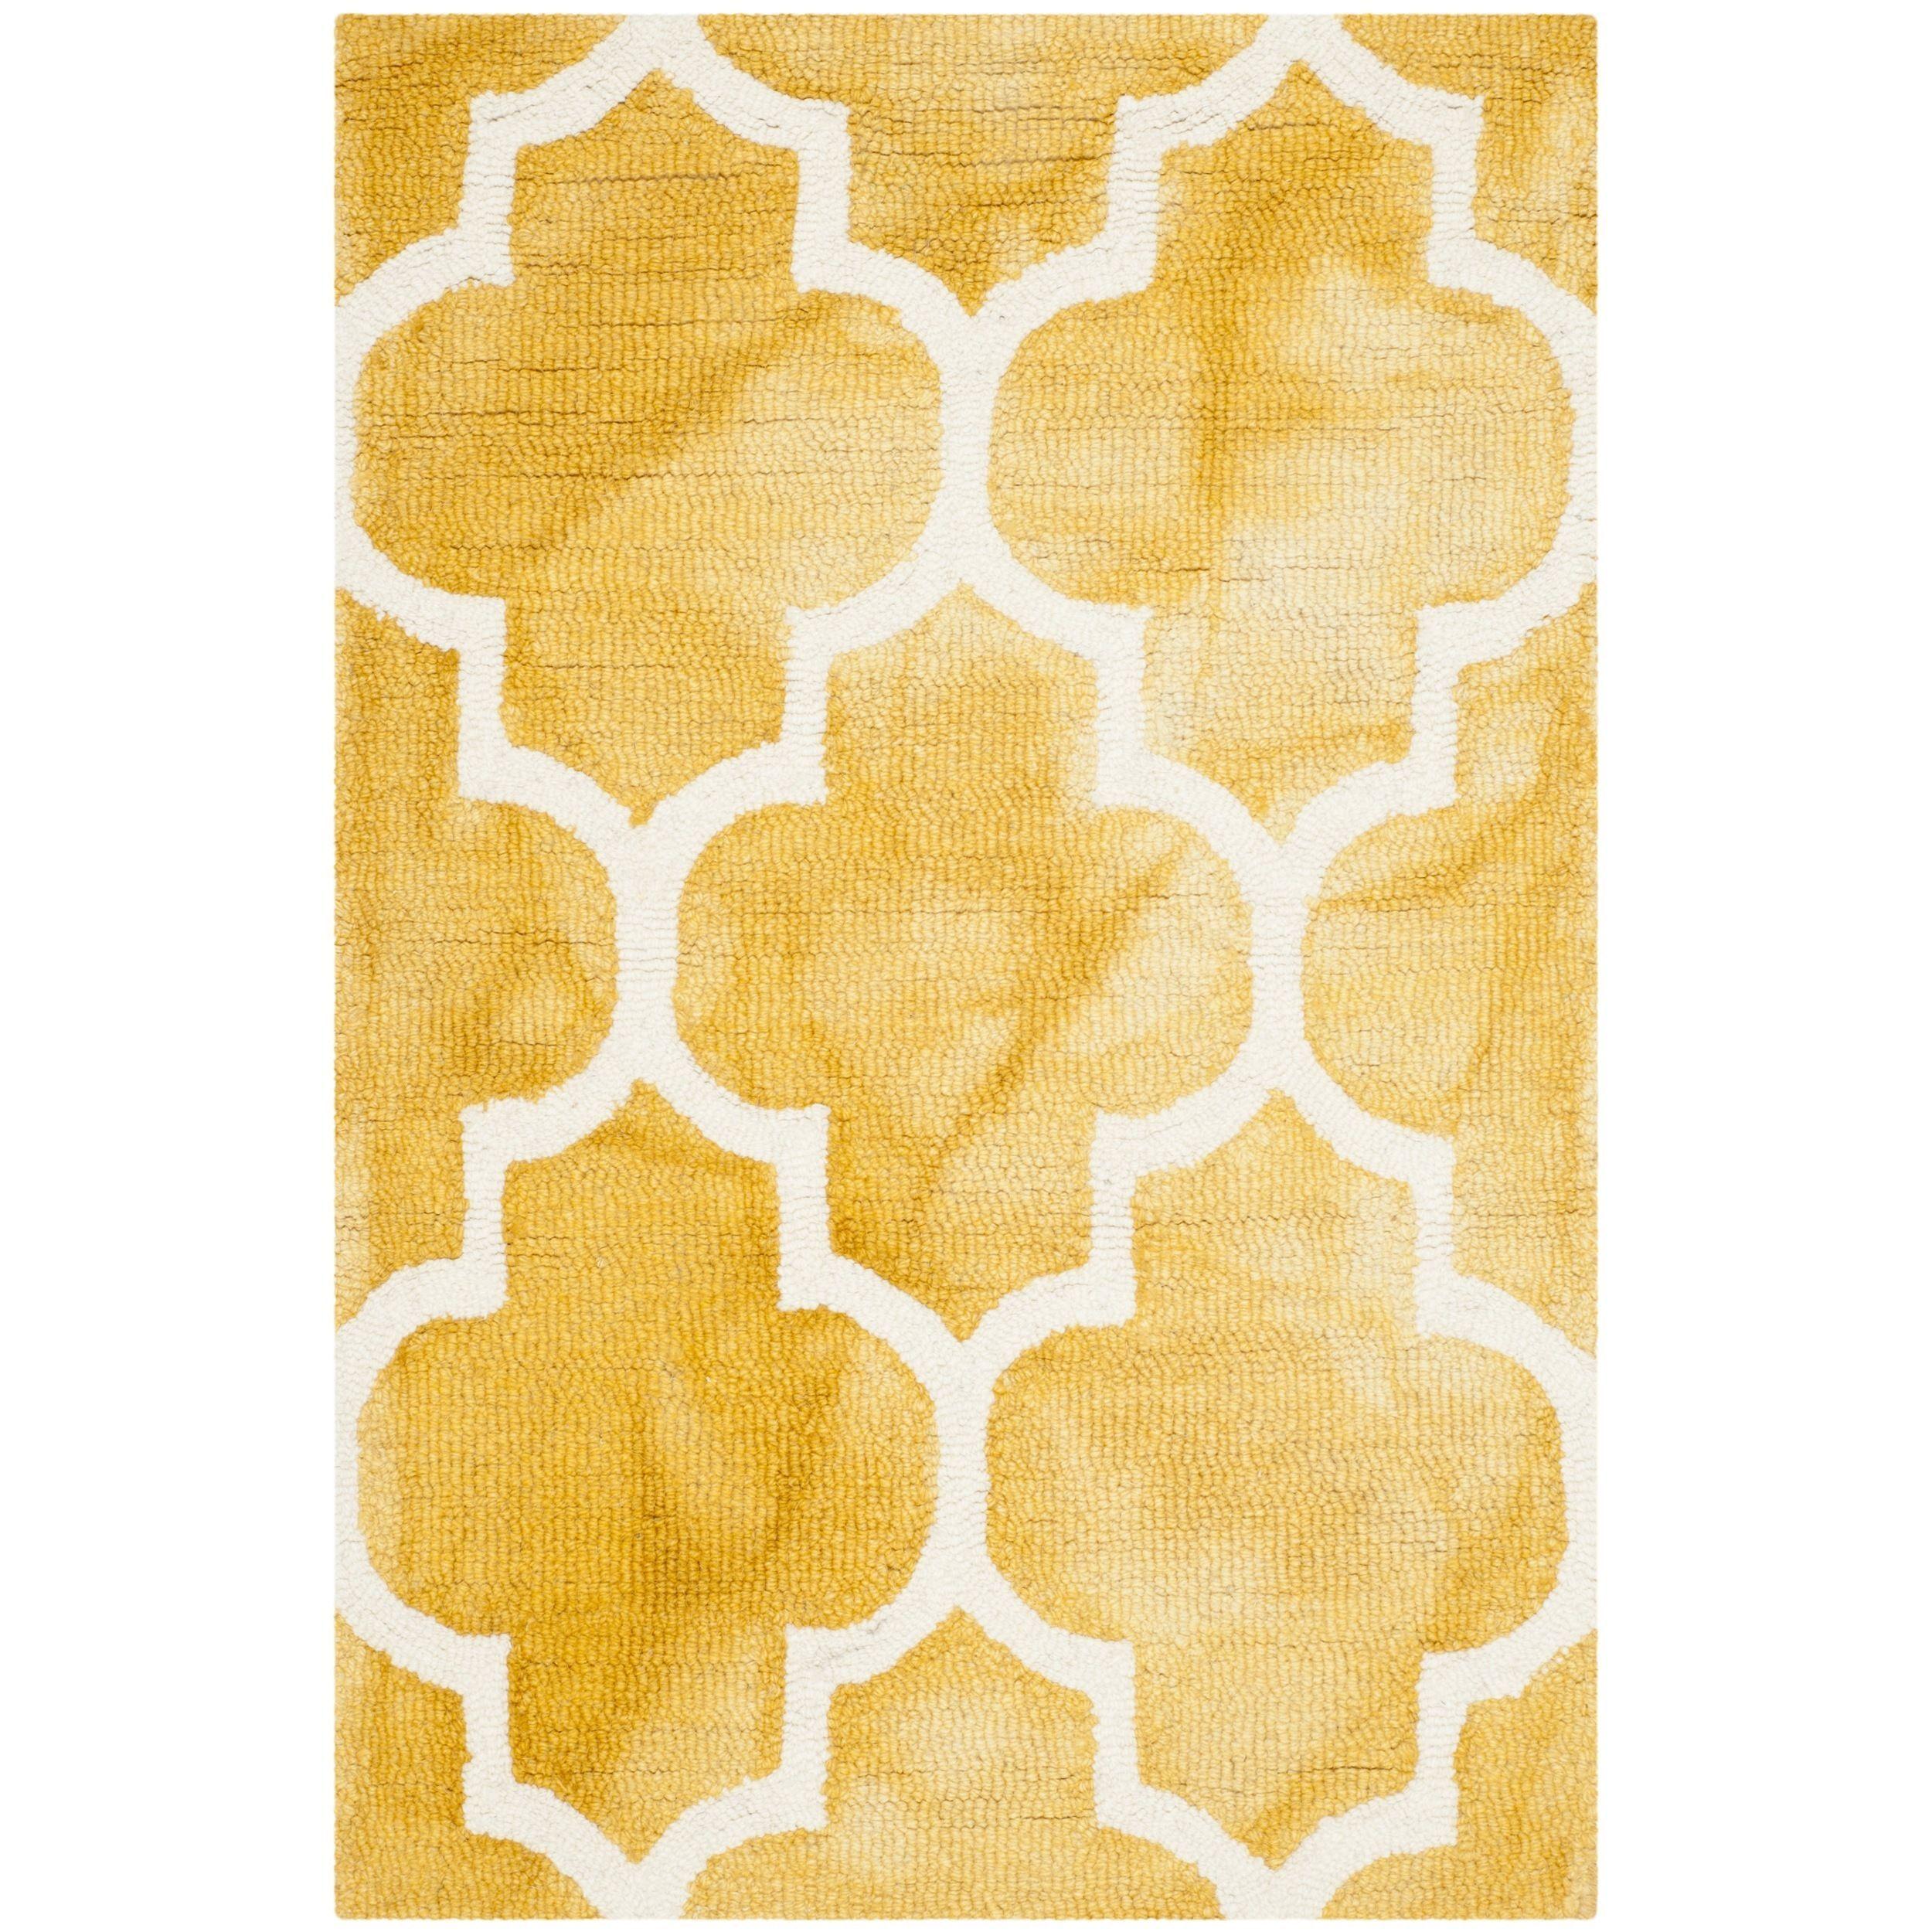 Safavieh handmade dip dye watercolor vintage gold ivory wool rug